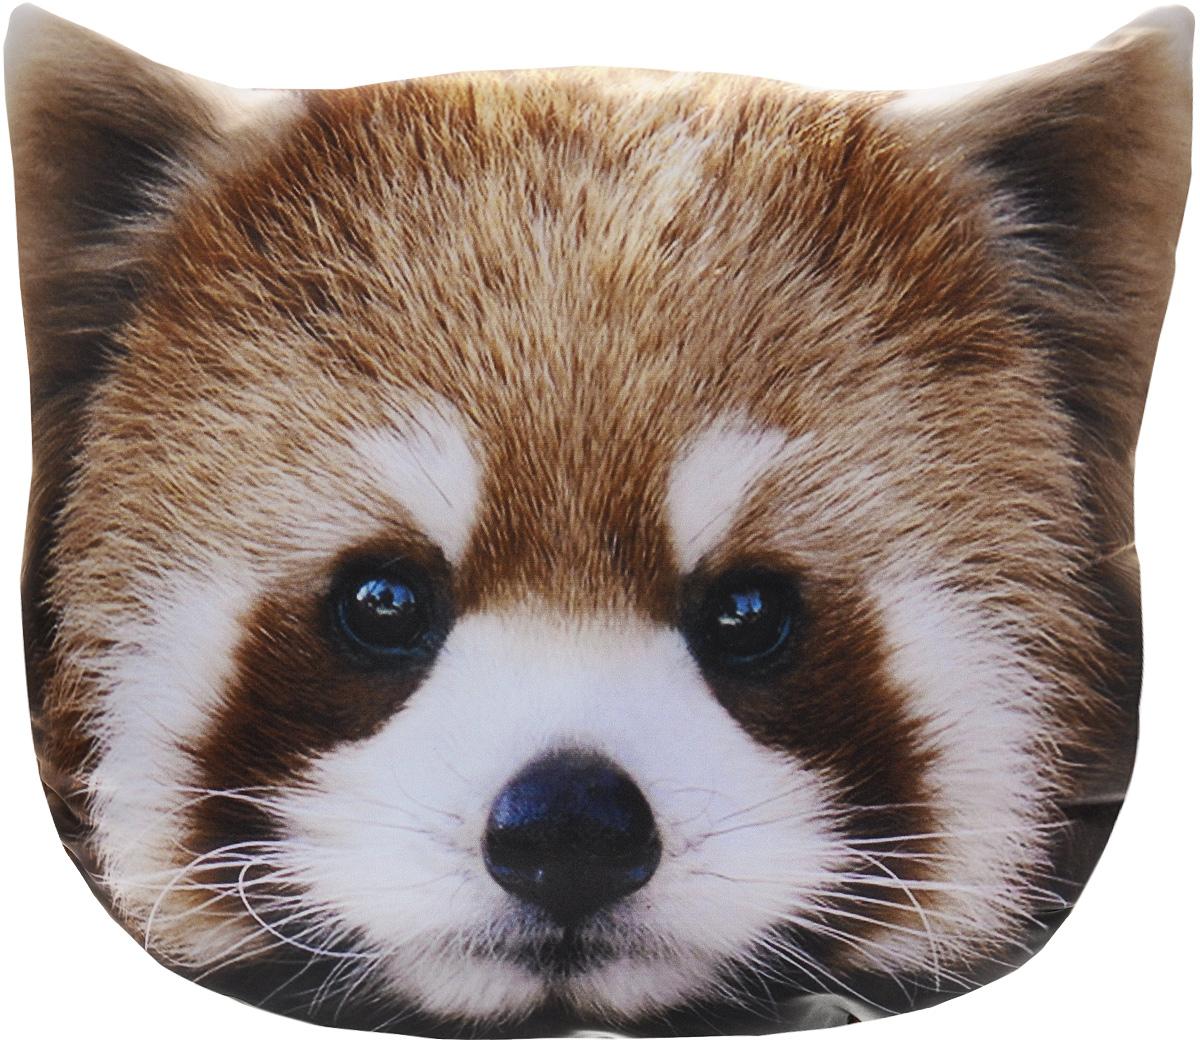 Подушка декоративная GiftnHome Красная панда, 40 х 40 cм531-105Декоративная подушка GiftnHome Красная панда - это яркое украшение вашего дома. Чехол выполнен из гладкого и приятного на ощупь атласа (искусственного шелка). Лицевая сторона украшена красочным изображением. Чехол застегивается на молнию. Внутренний наполнитель подушки - холлофайбер. Красивая подушка создаст в доме уют и станет прекрасным элементом декора.